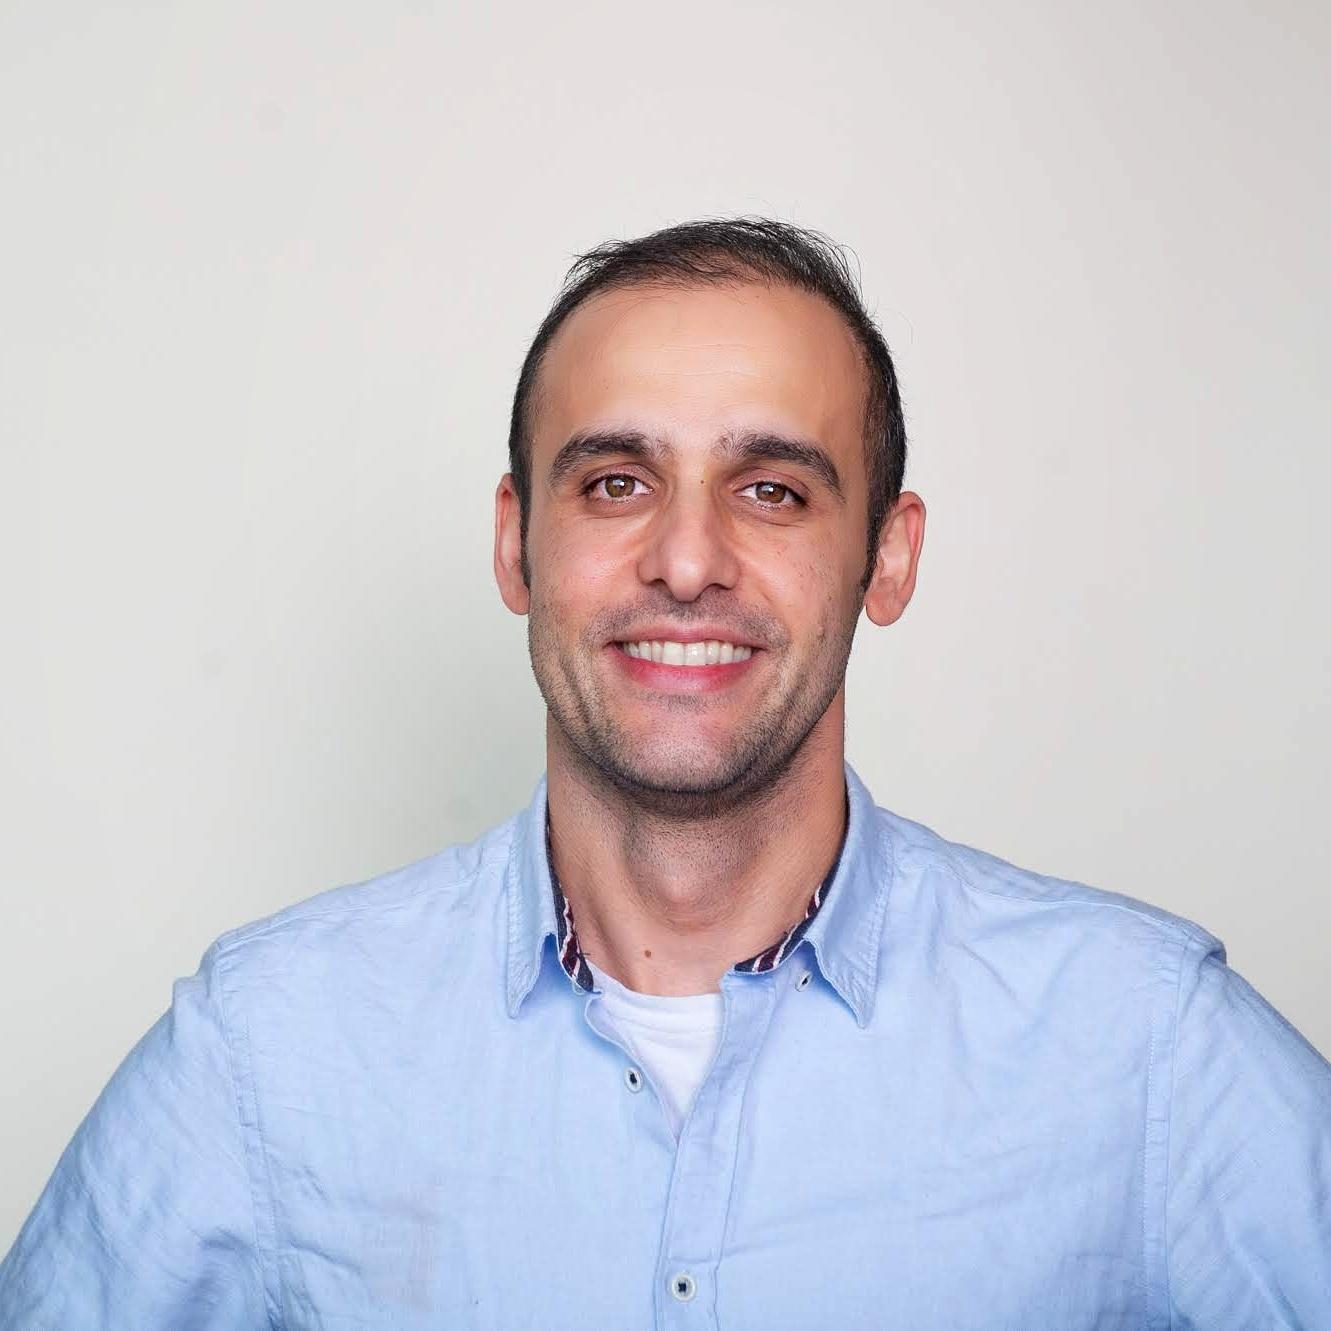 Mete Atamel